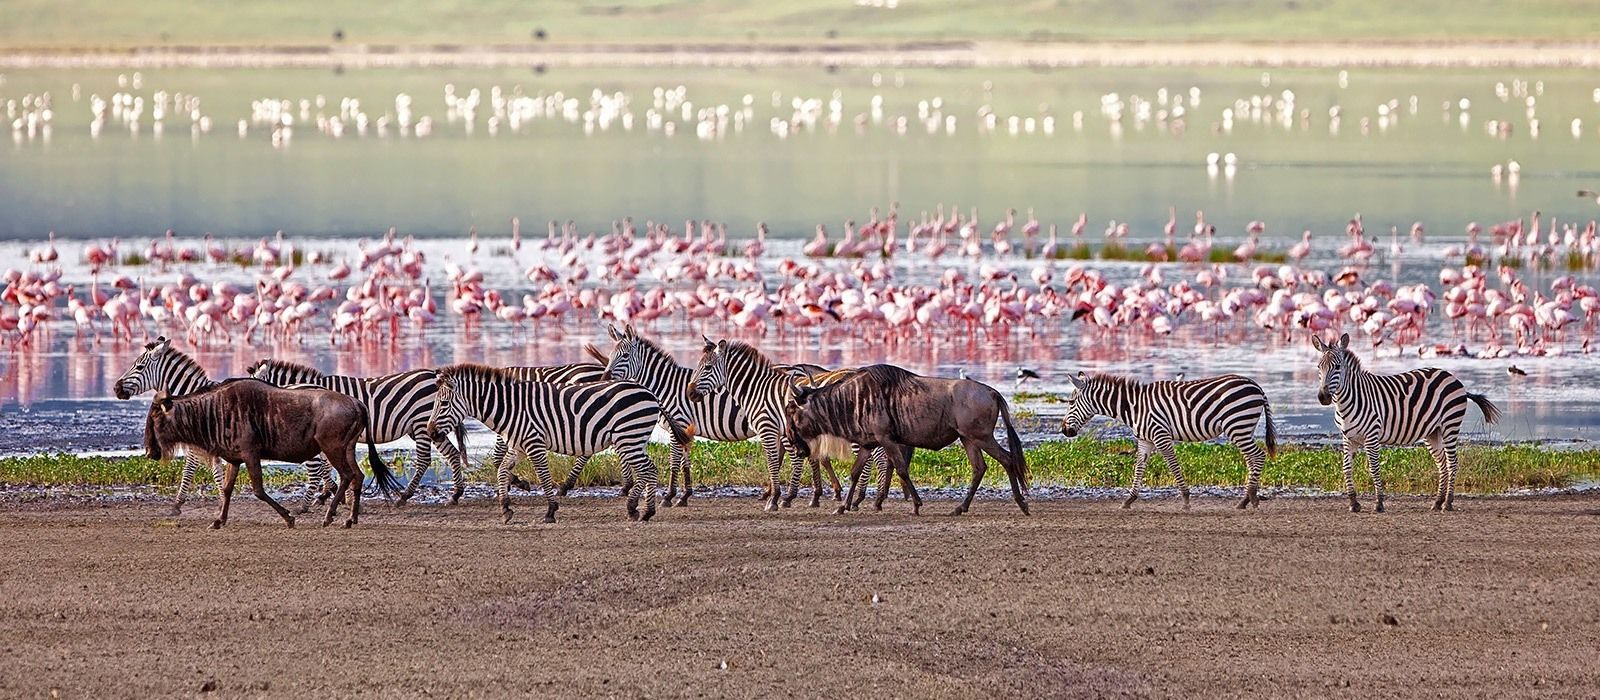 Lakeside Luxury and Wildlife in Tanzania Tour Trip 6